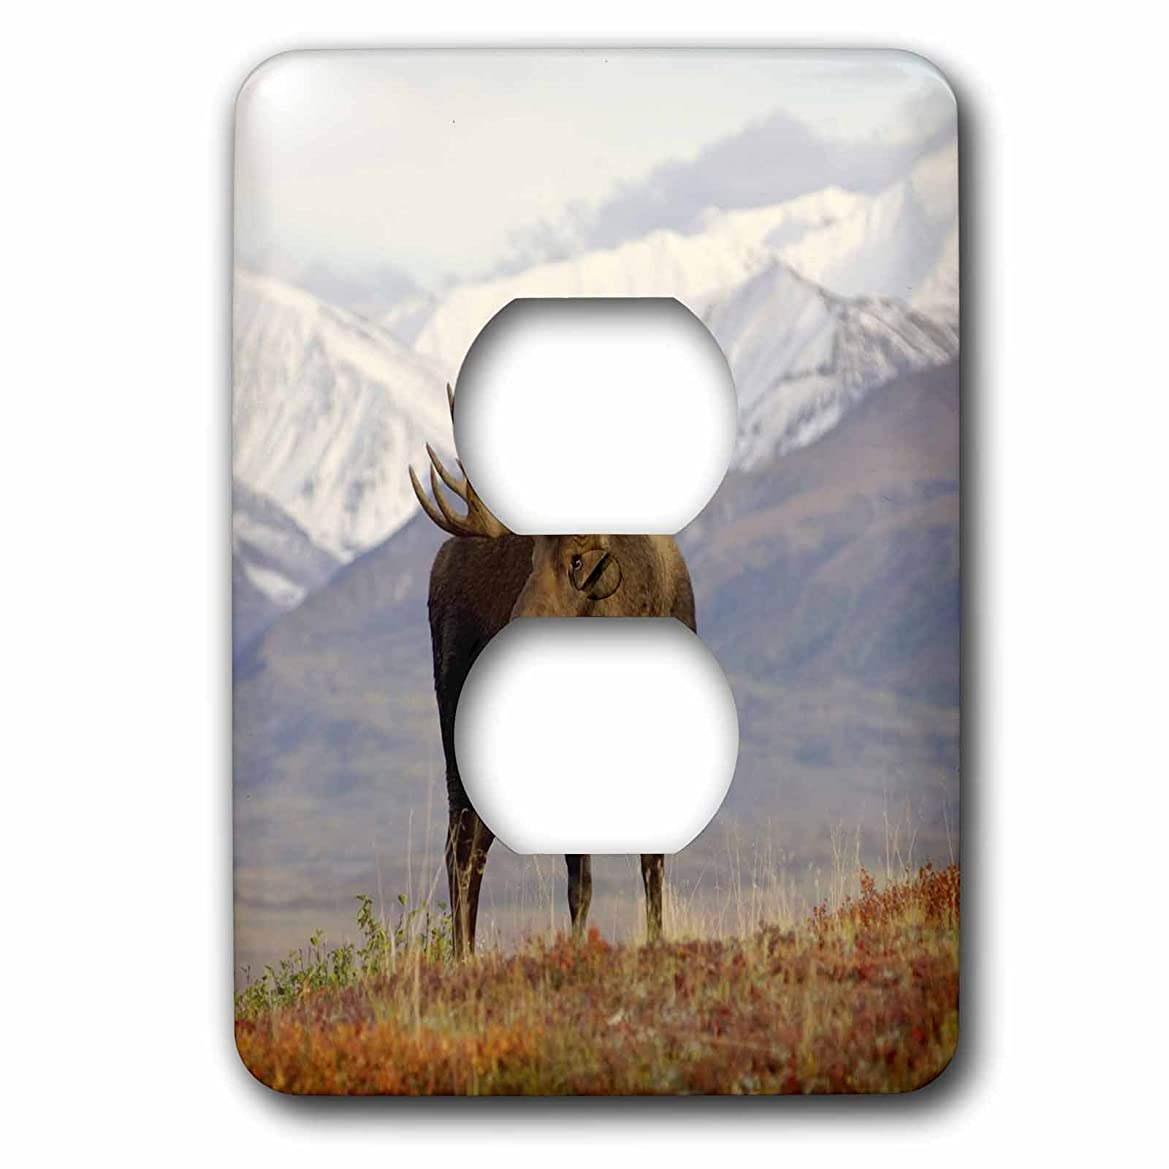 疼痛いらいらする反論者3drose LLC lsp _ 87701?_ 6?Moose bull野生生物、デナリ国立公園、アラスカus02?ska3065?Steve Kazlowski 2プラグコンセントカバー